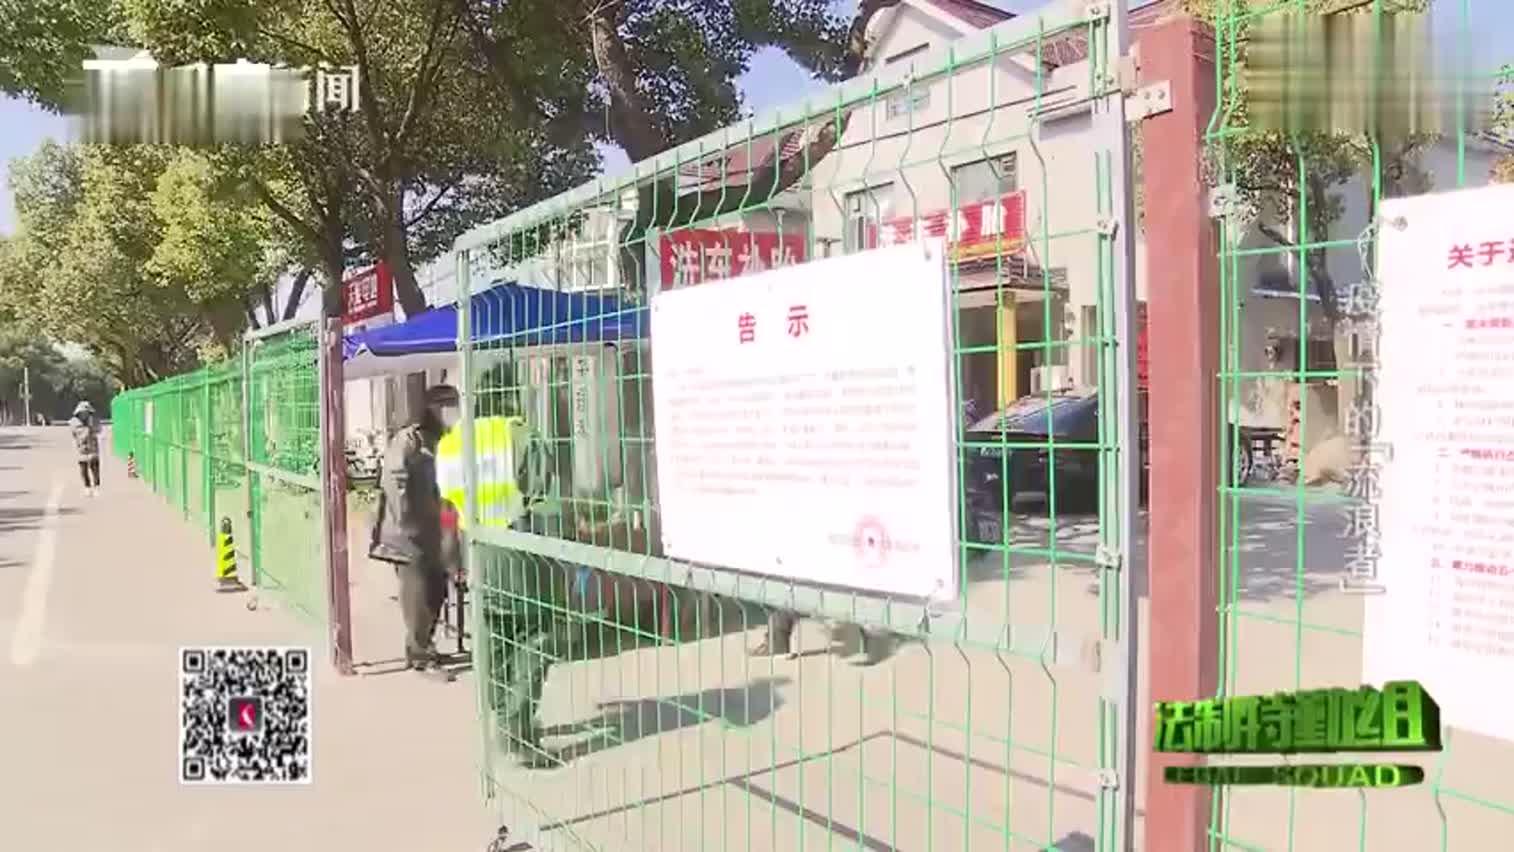 视频|湖北小伙在公司发生争吵自觉受歧视 搬离宿舍